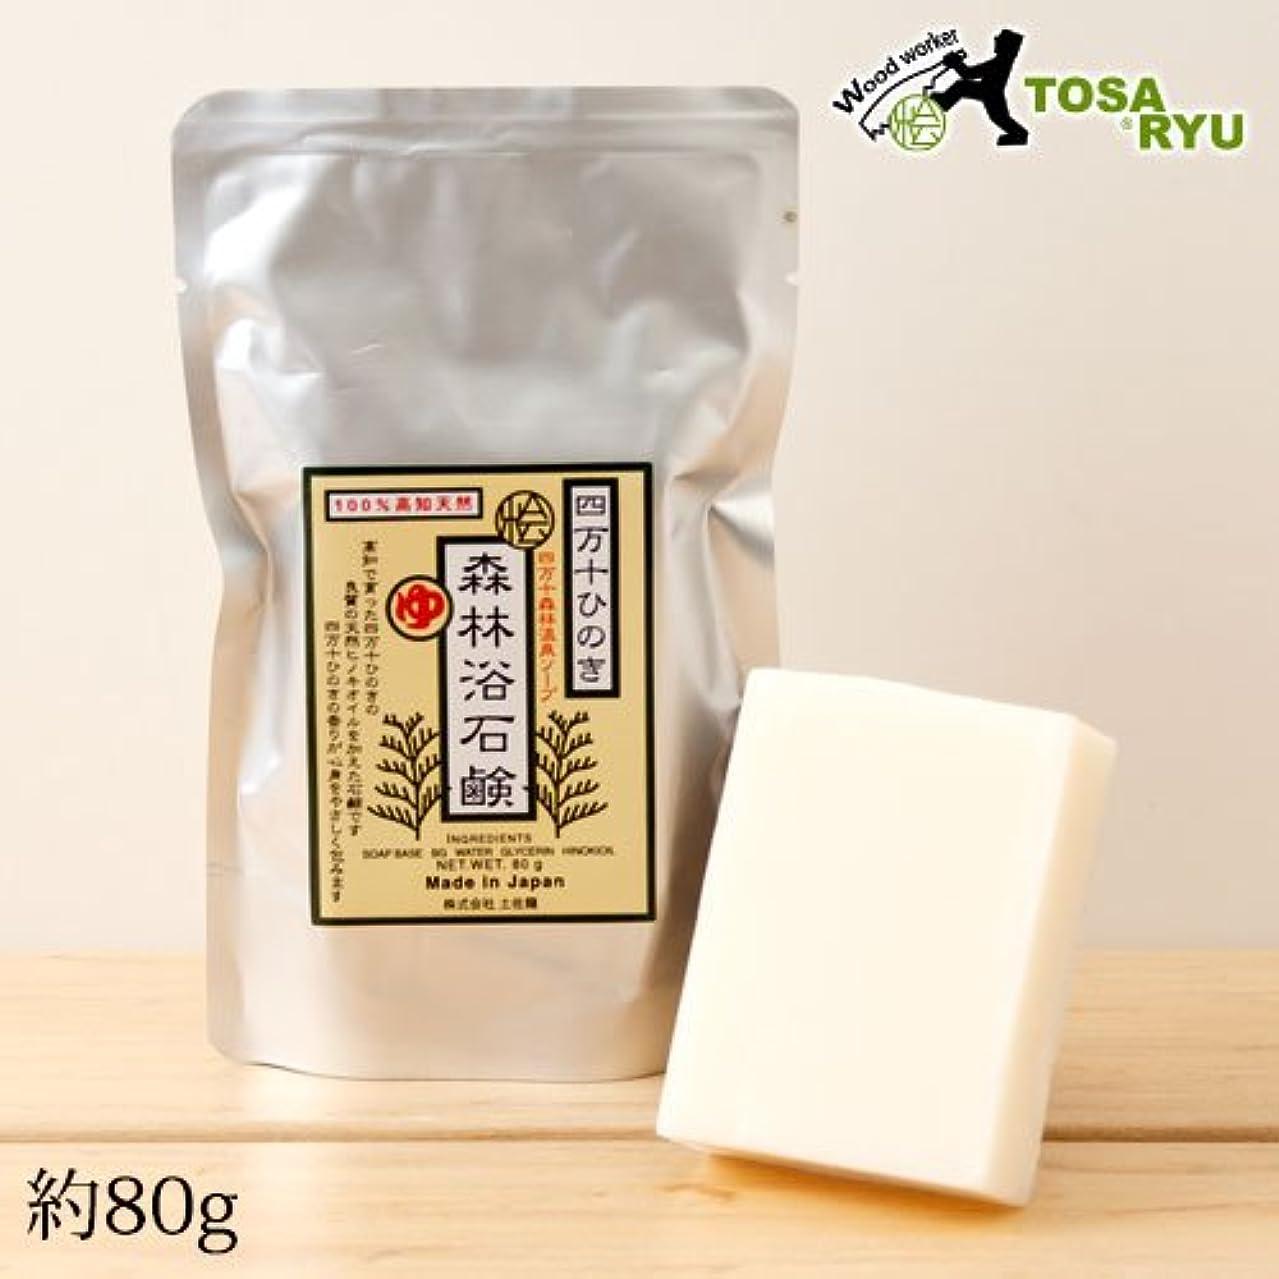 仮定、想定。推測料理みすぼらしい土佐龍四万十森林温泉石鹸ひのきの香りのアロマソープ高知県の工芸品Aroma soap scent of cypress, Kochi craft